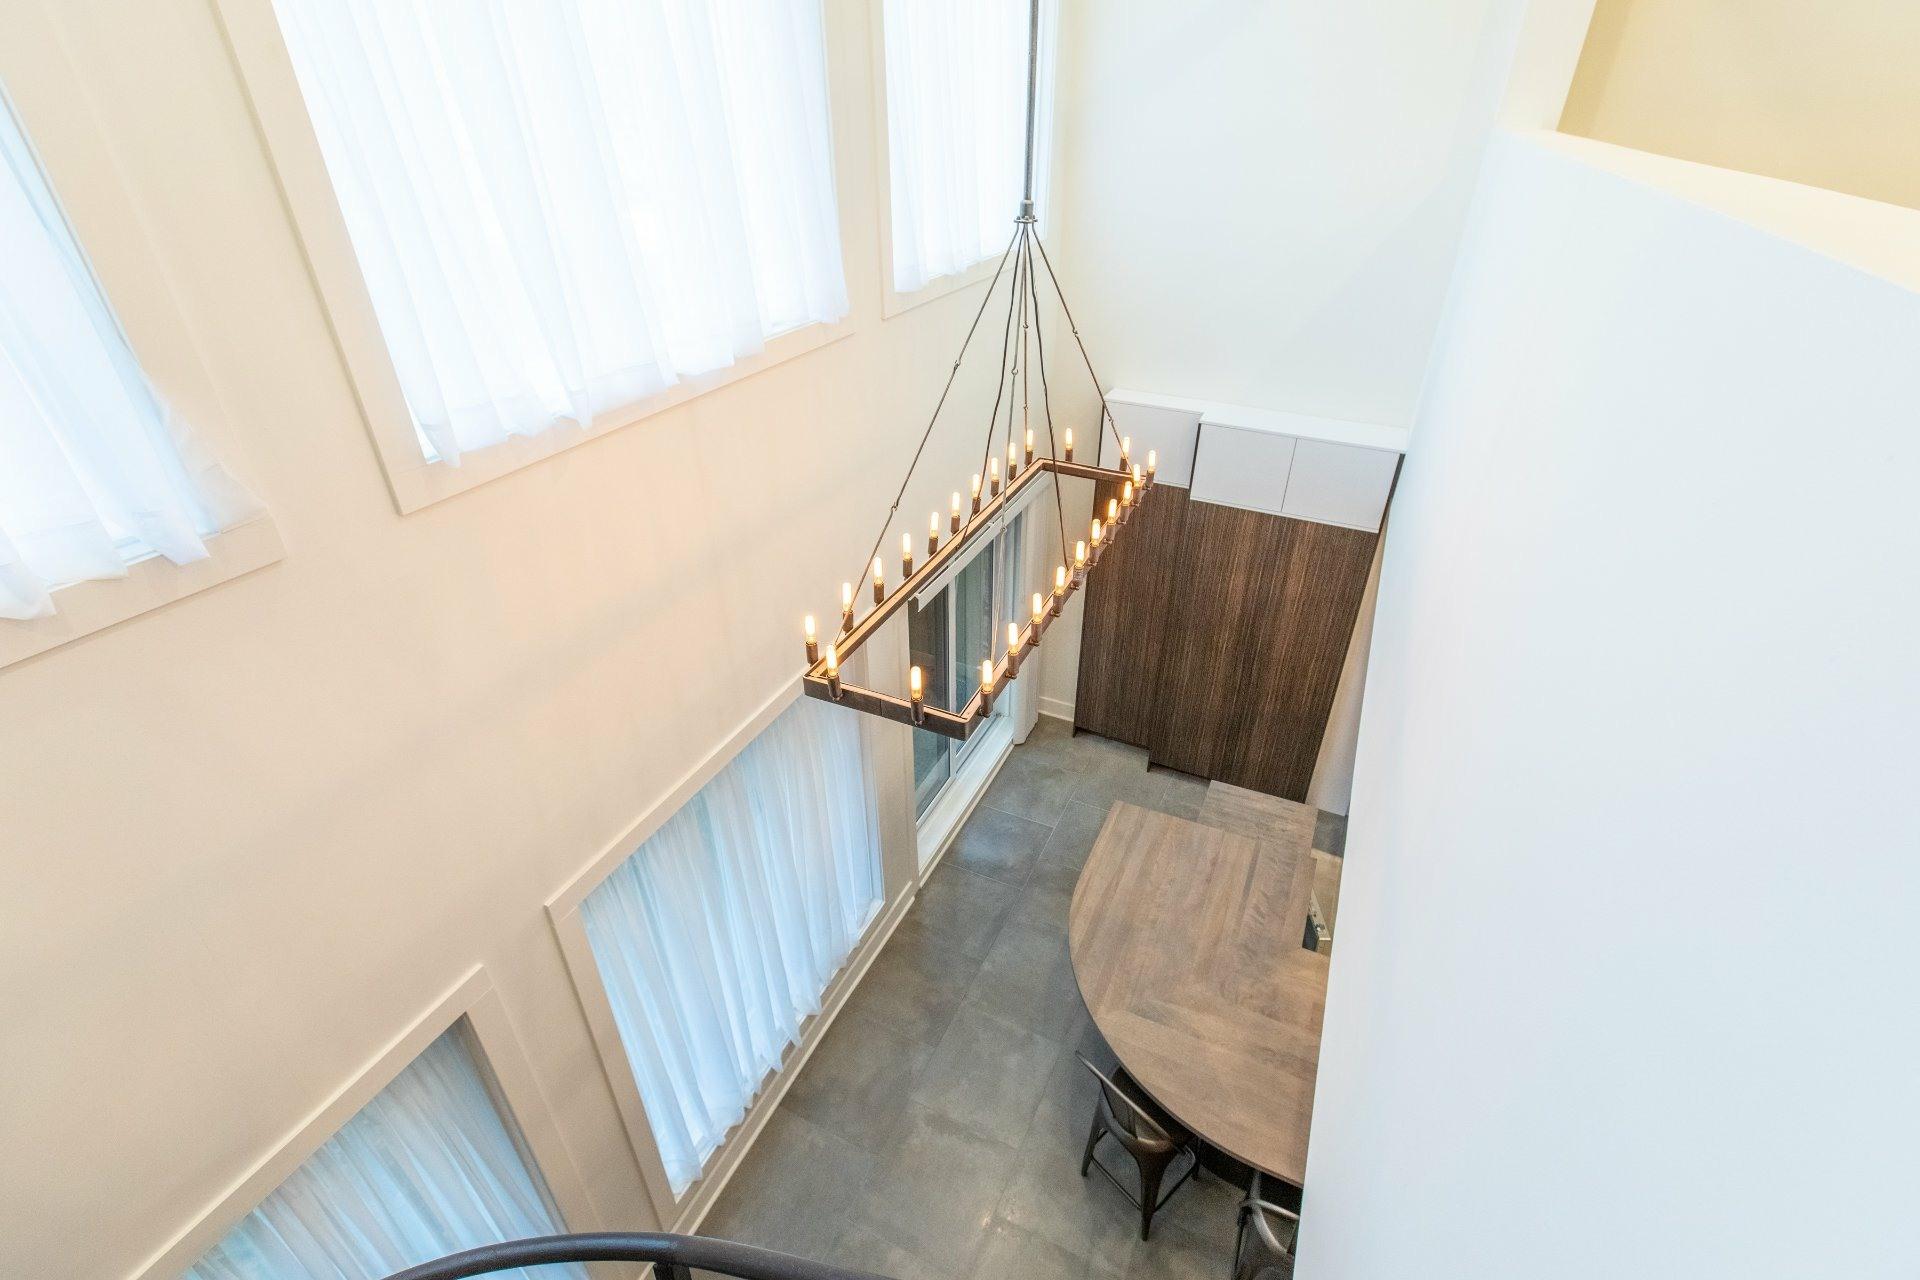 image 9 - Maison À vendre Montréal Rosemont/La Petite-Patrie  - 13 pièces